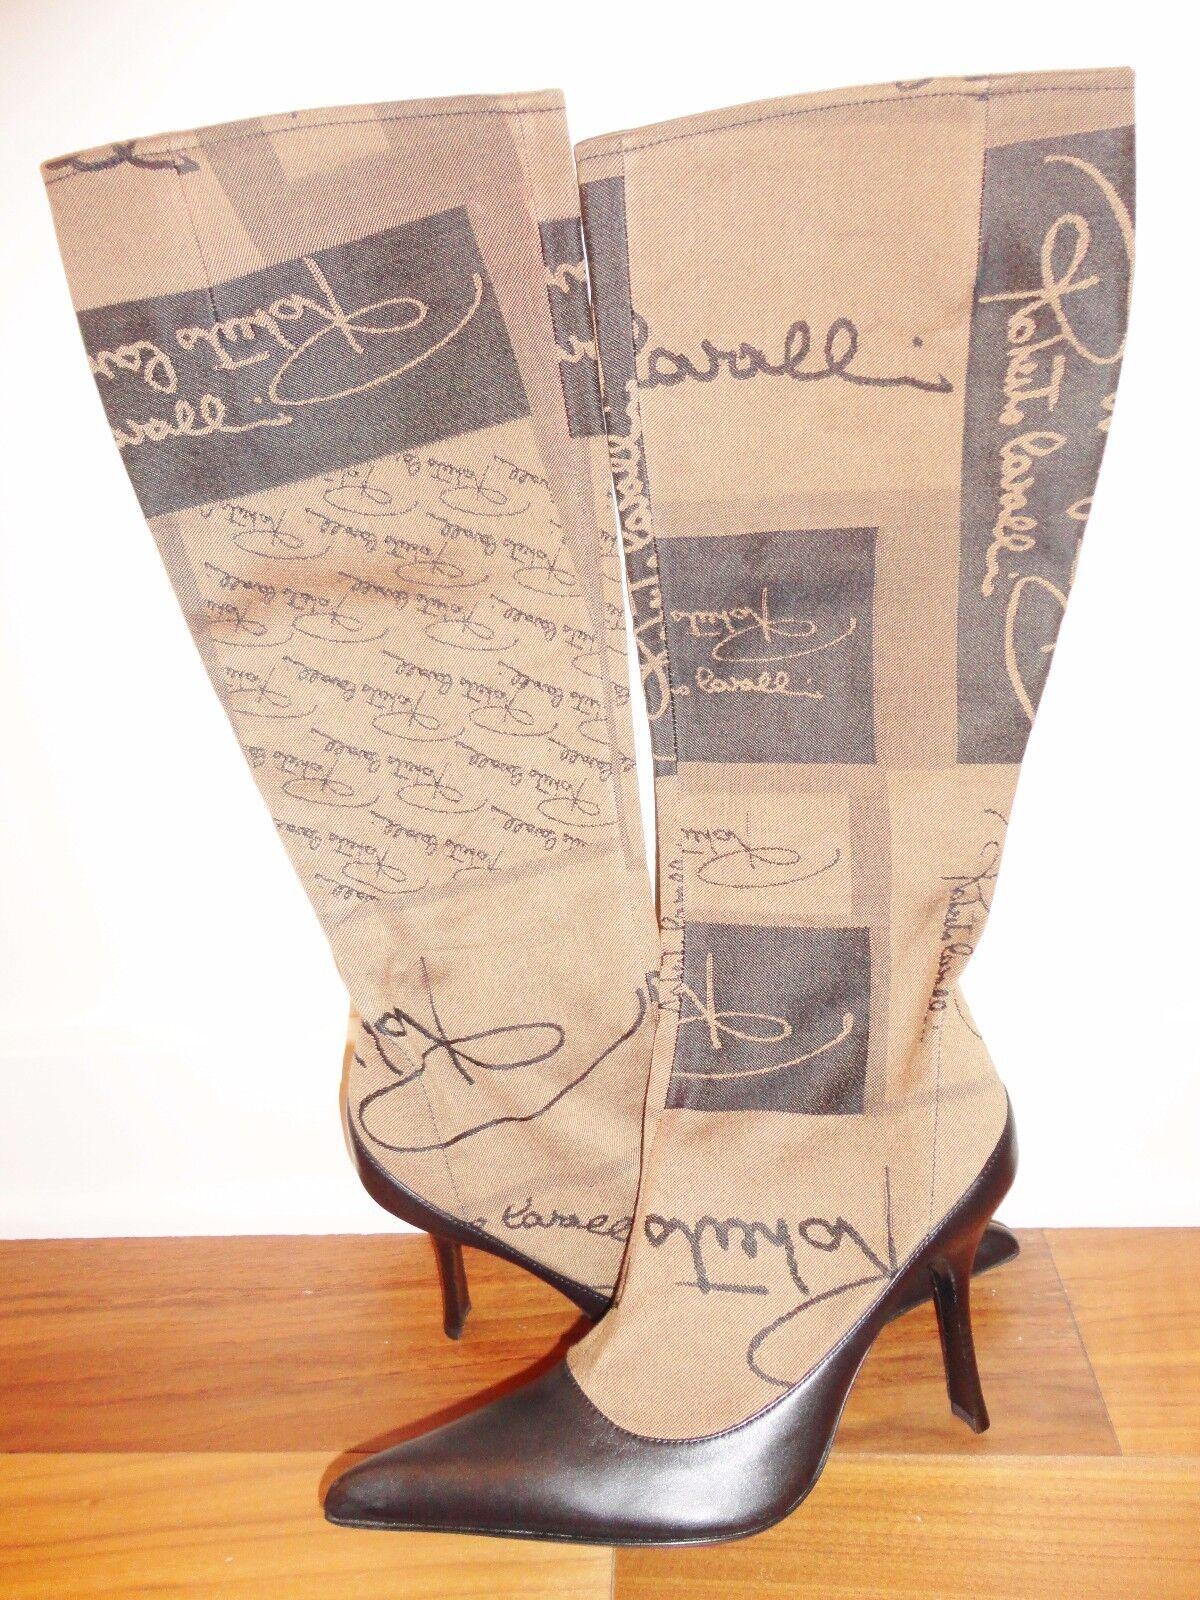 Nuevas botas de cuero marrón de Roberto Cavalli Italia Edición Limitada 100% Auténtico